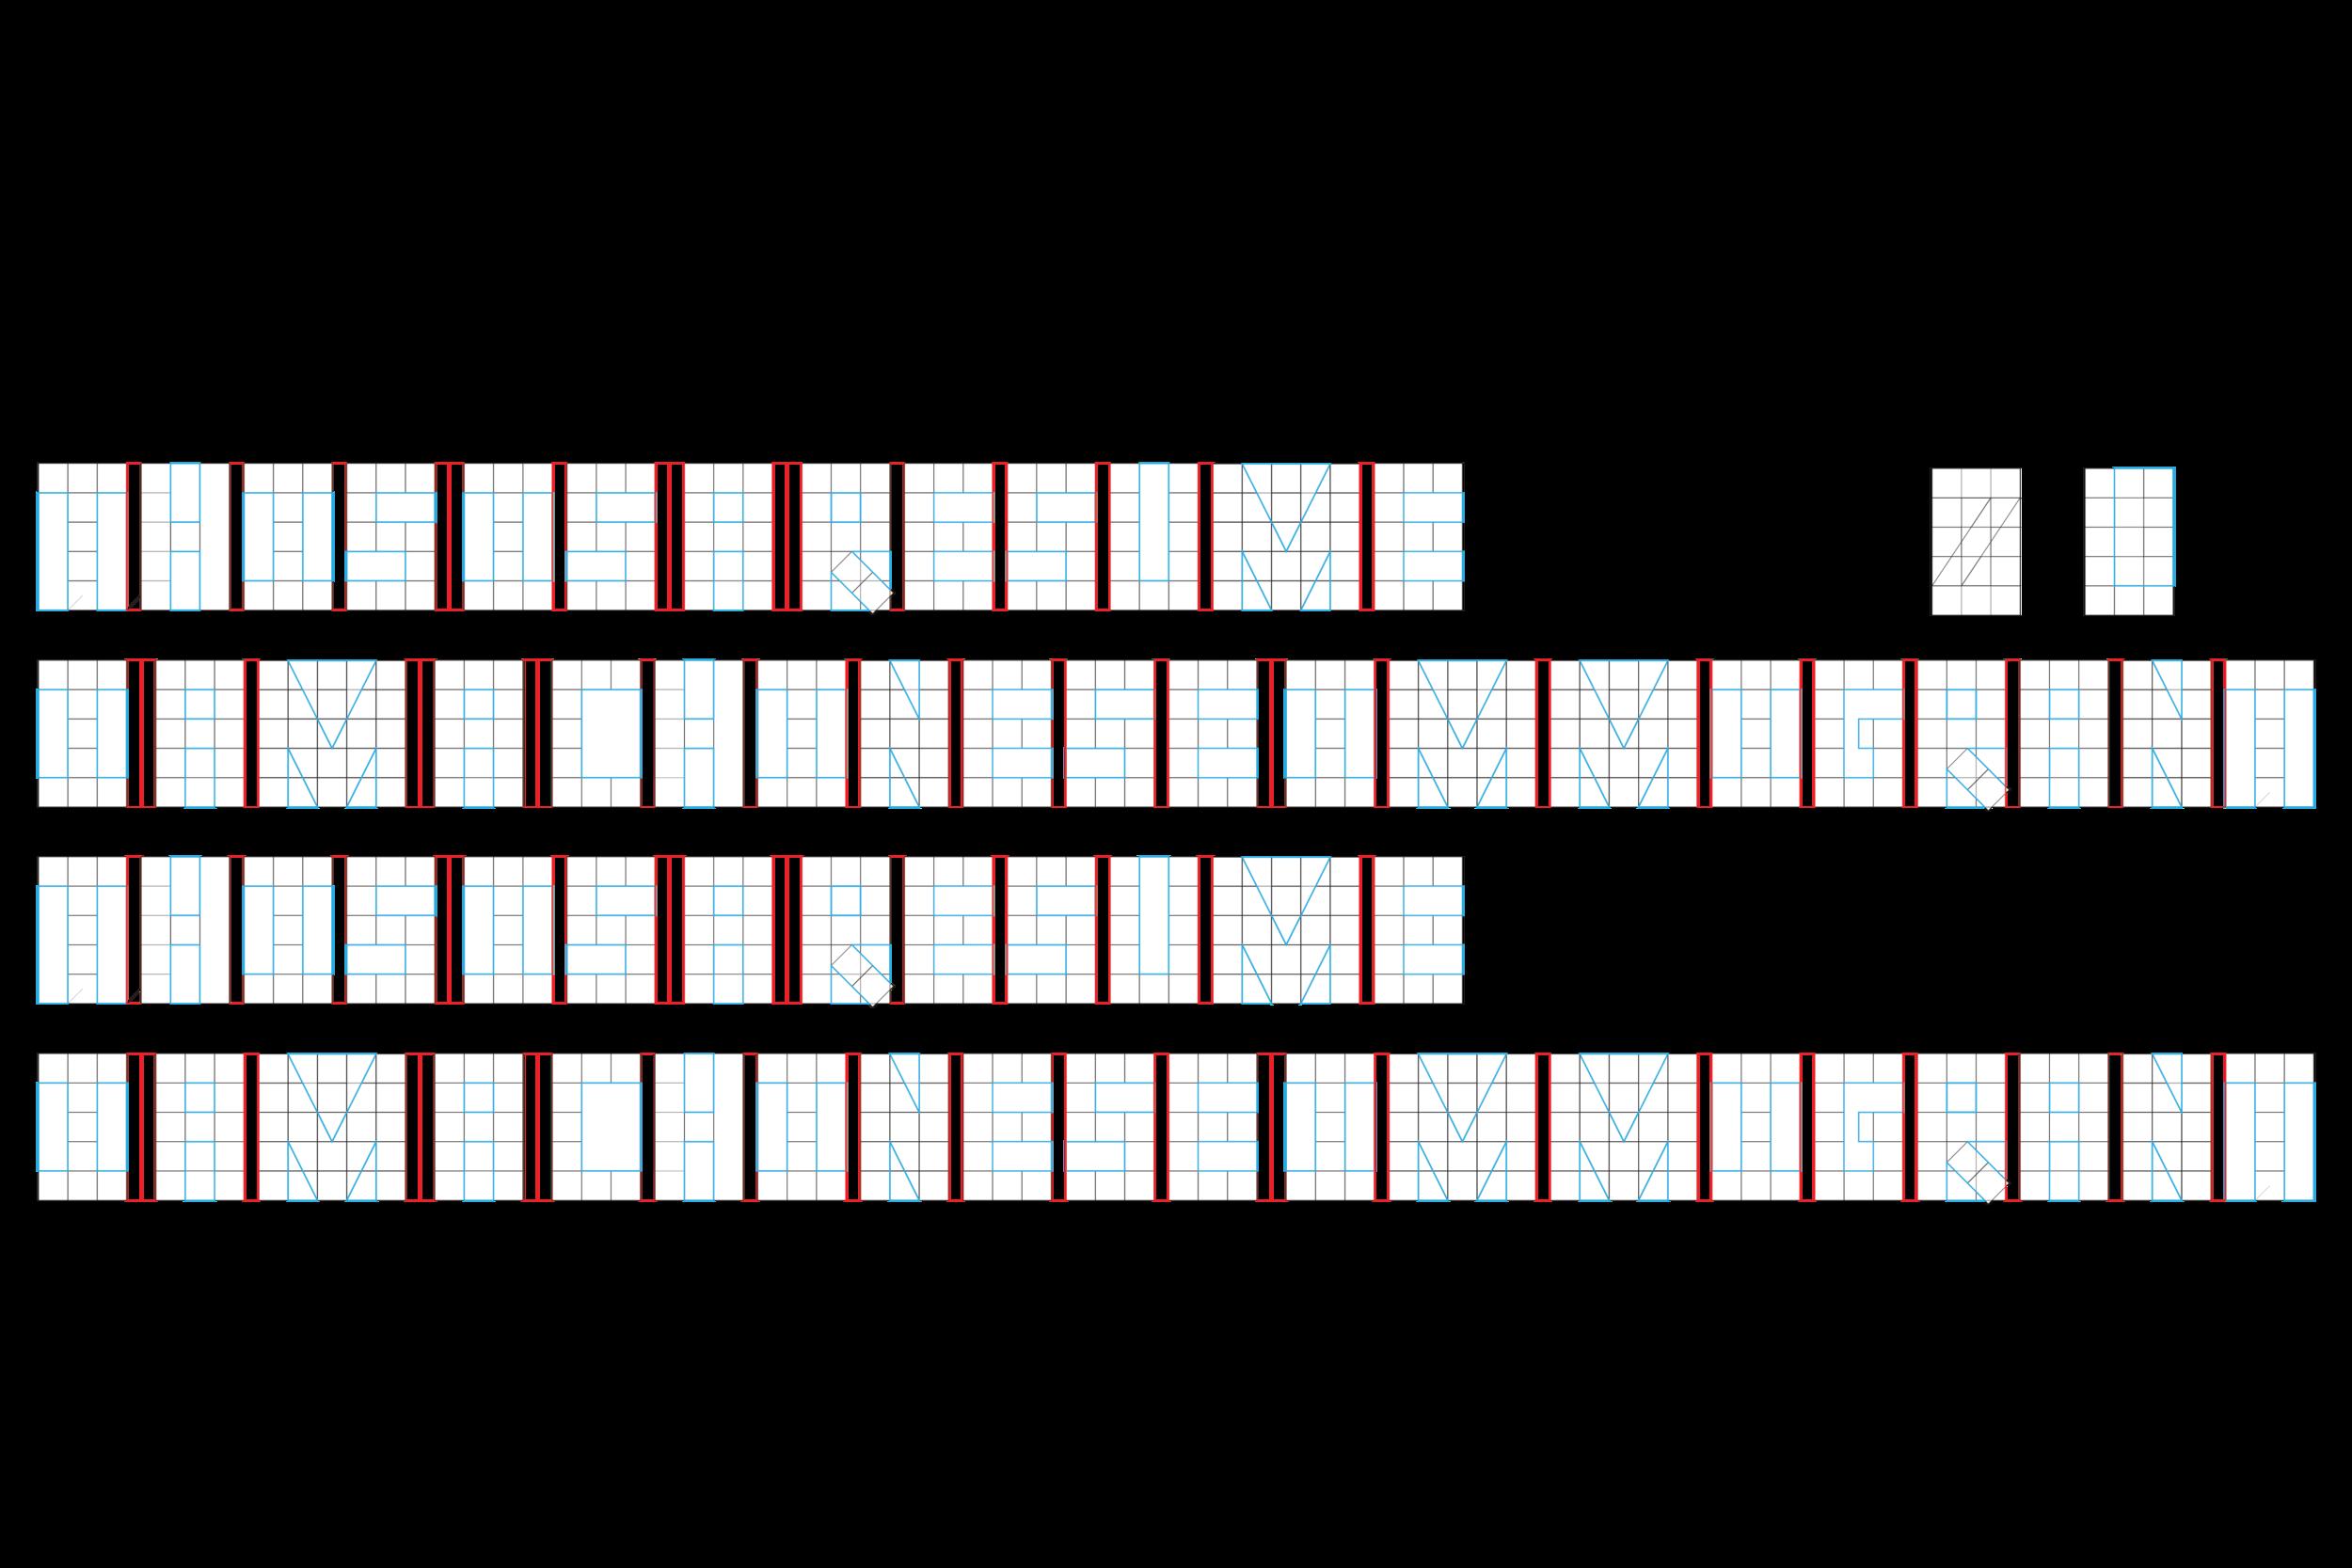 grid-10.png